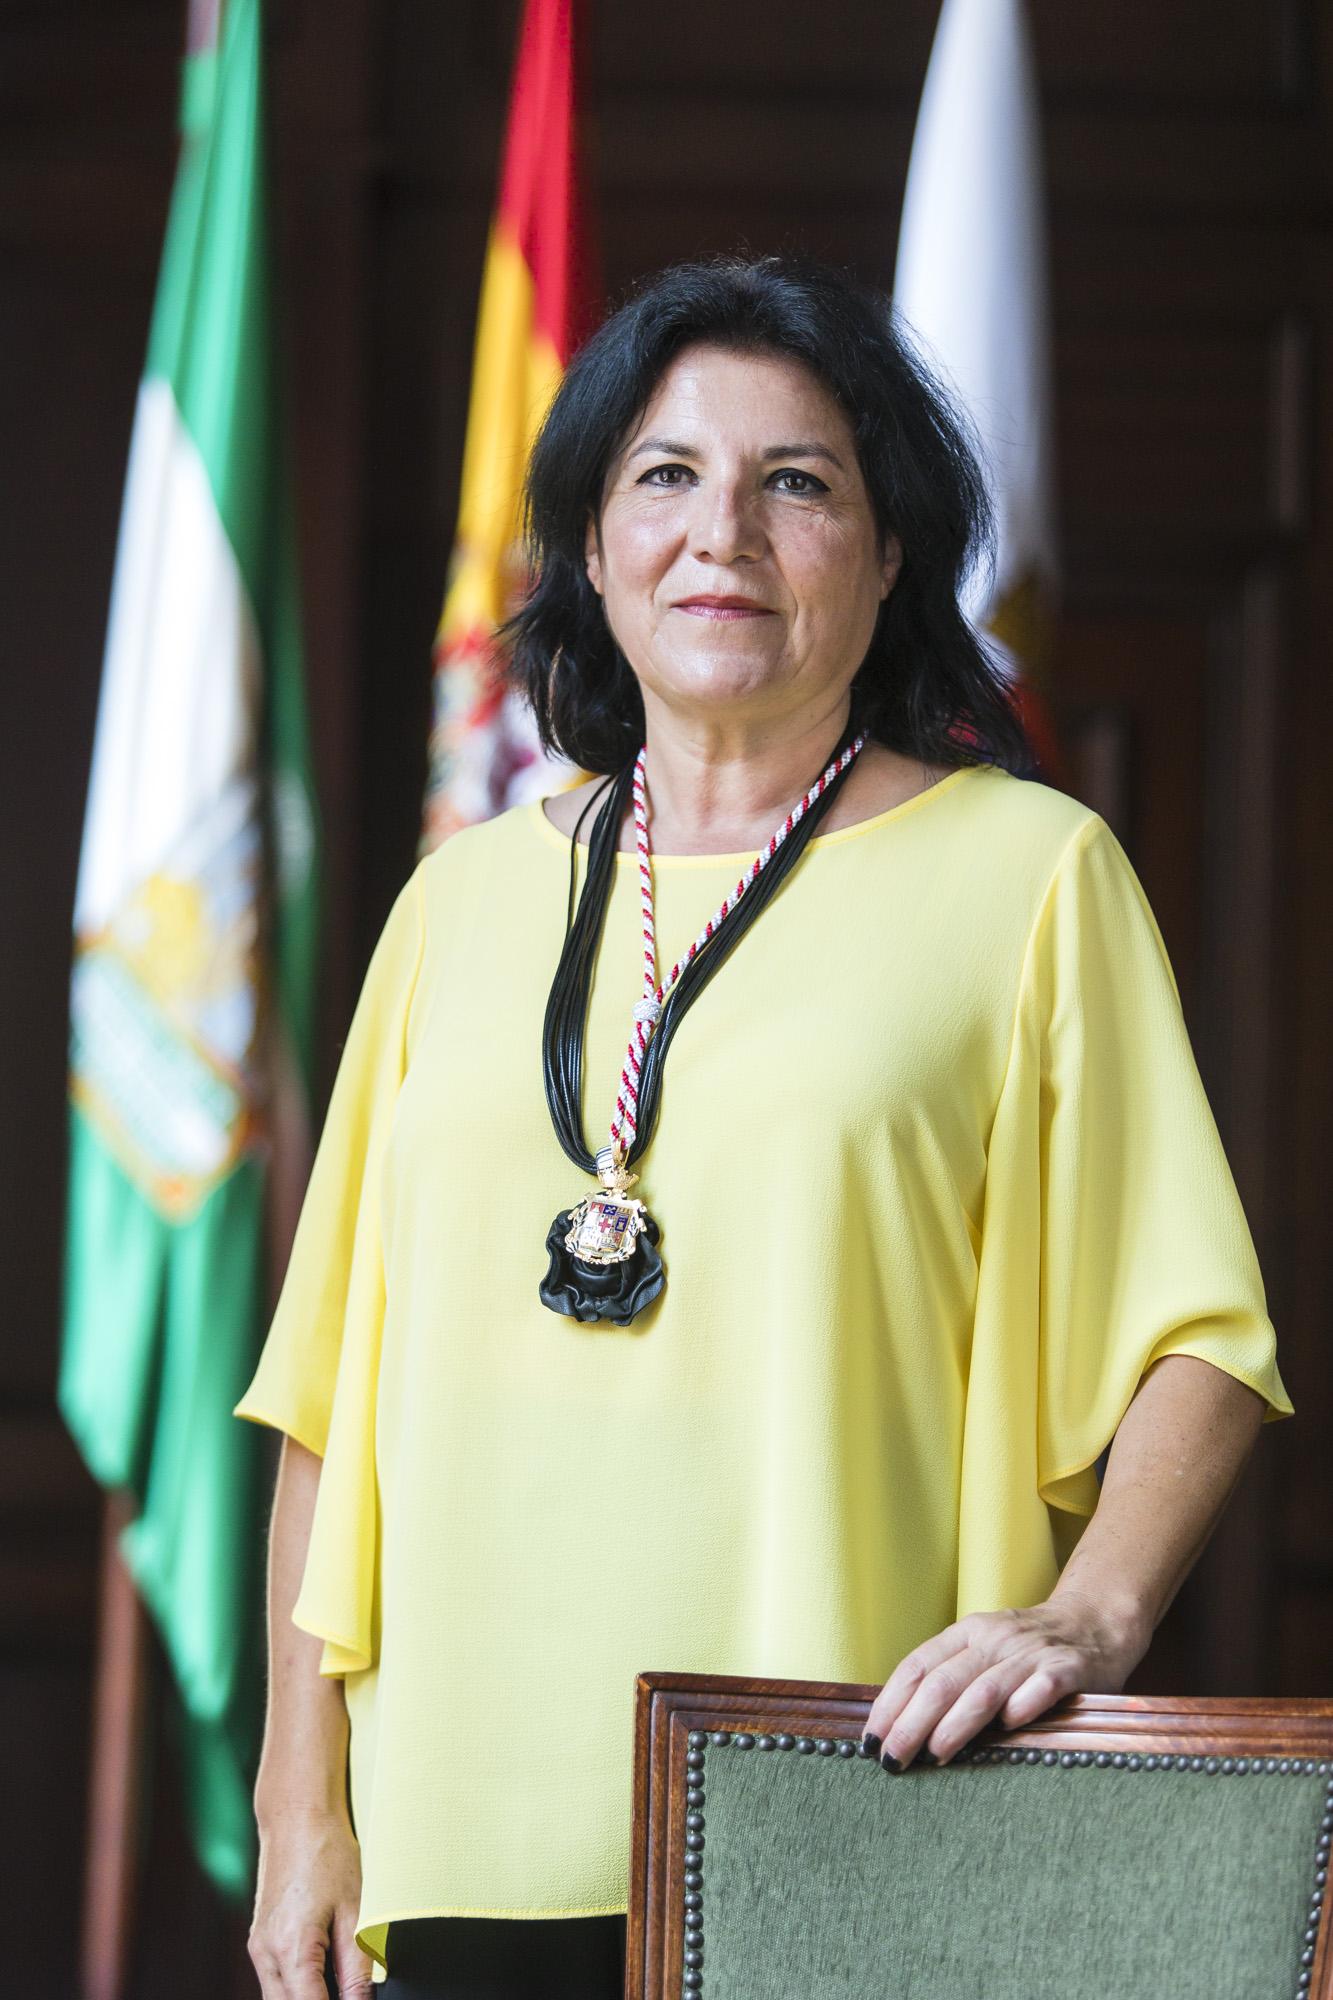 María González Martínez